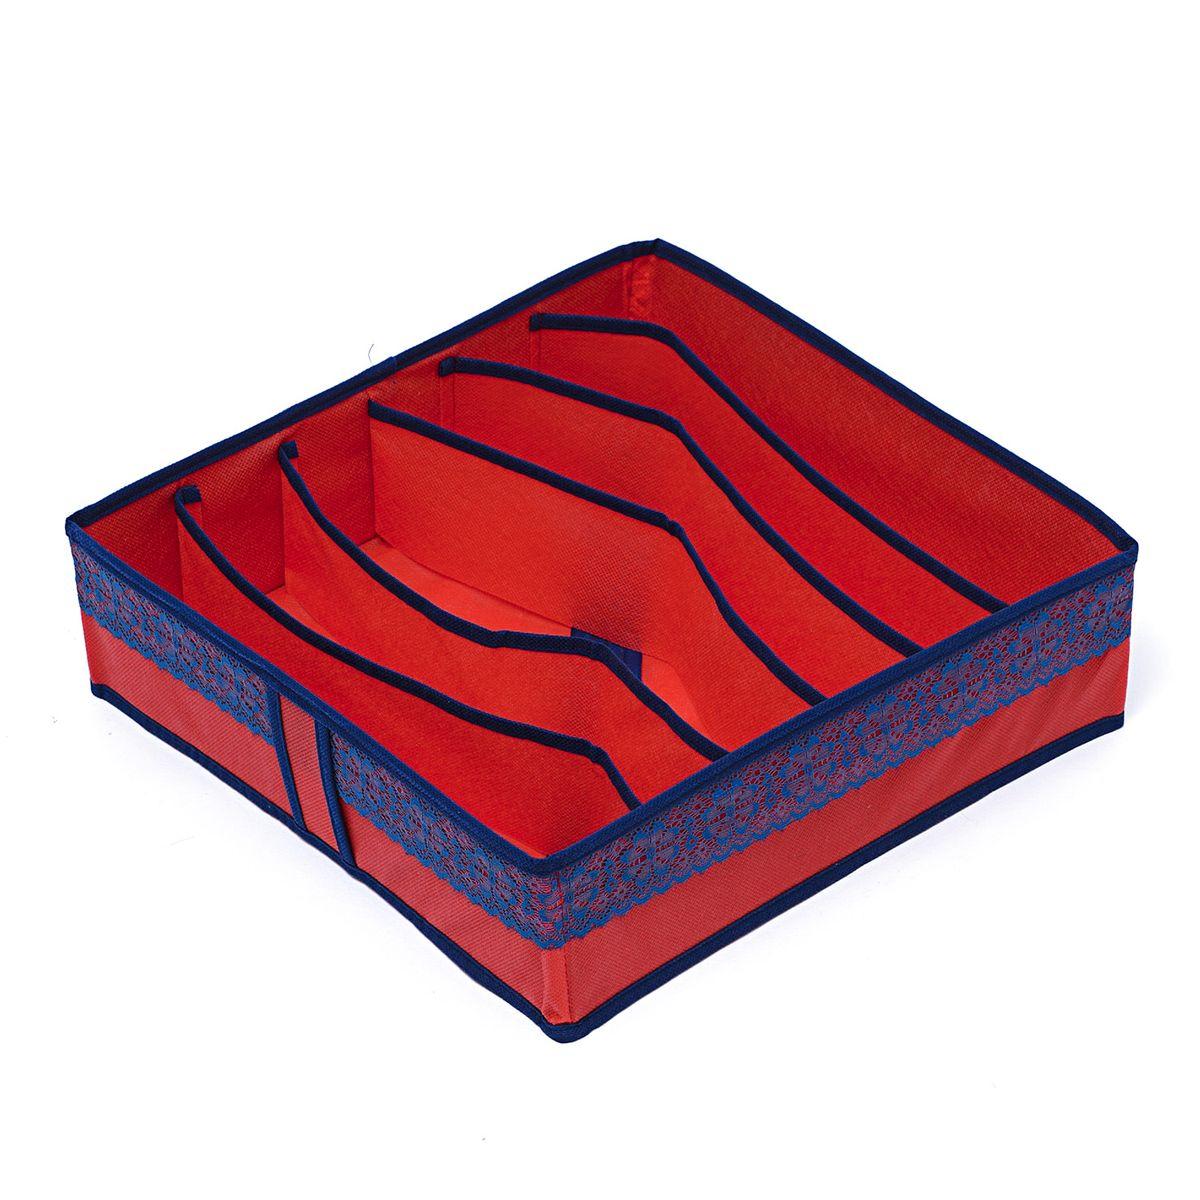 Органайзер для хранения вещей Homsu Rosso, 6 ячеек, 35 x 35 x 10 смTD 0033Компактный органайзер Homsu Rosso изготовлен из высококачественного полиэстера, который обеспечивает естественную вентиляцию. Материал позволяет воздуху свободно проникать внутрь, но не пропускает пыль. Органайзер отлично держит форму, благодаря вставкам из плотного картона. Изделие имеет 6 ячеек для хранения нижнего белья, колготок, носков и другой одежды.Такой органайзер позволит вам хранить вещи компактно и удобно, а оригинальный дизайн сделает вашу гардеробную красивой и невероятно стильной.